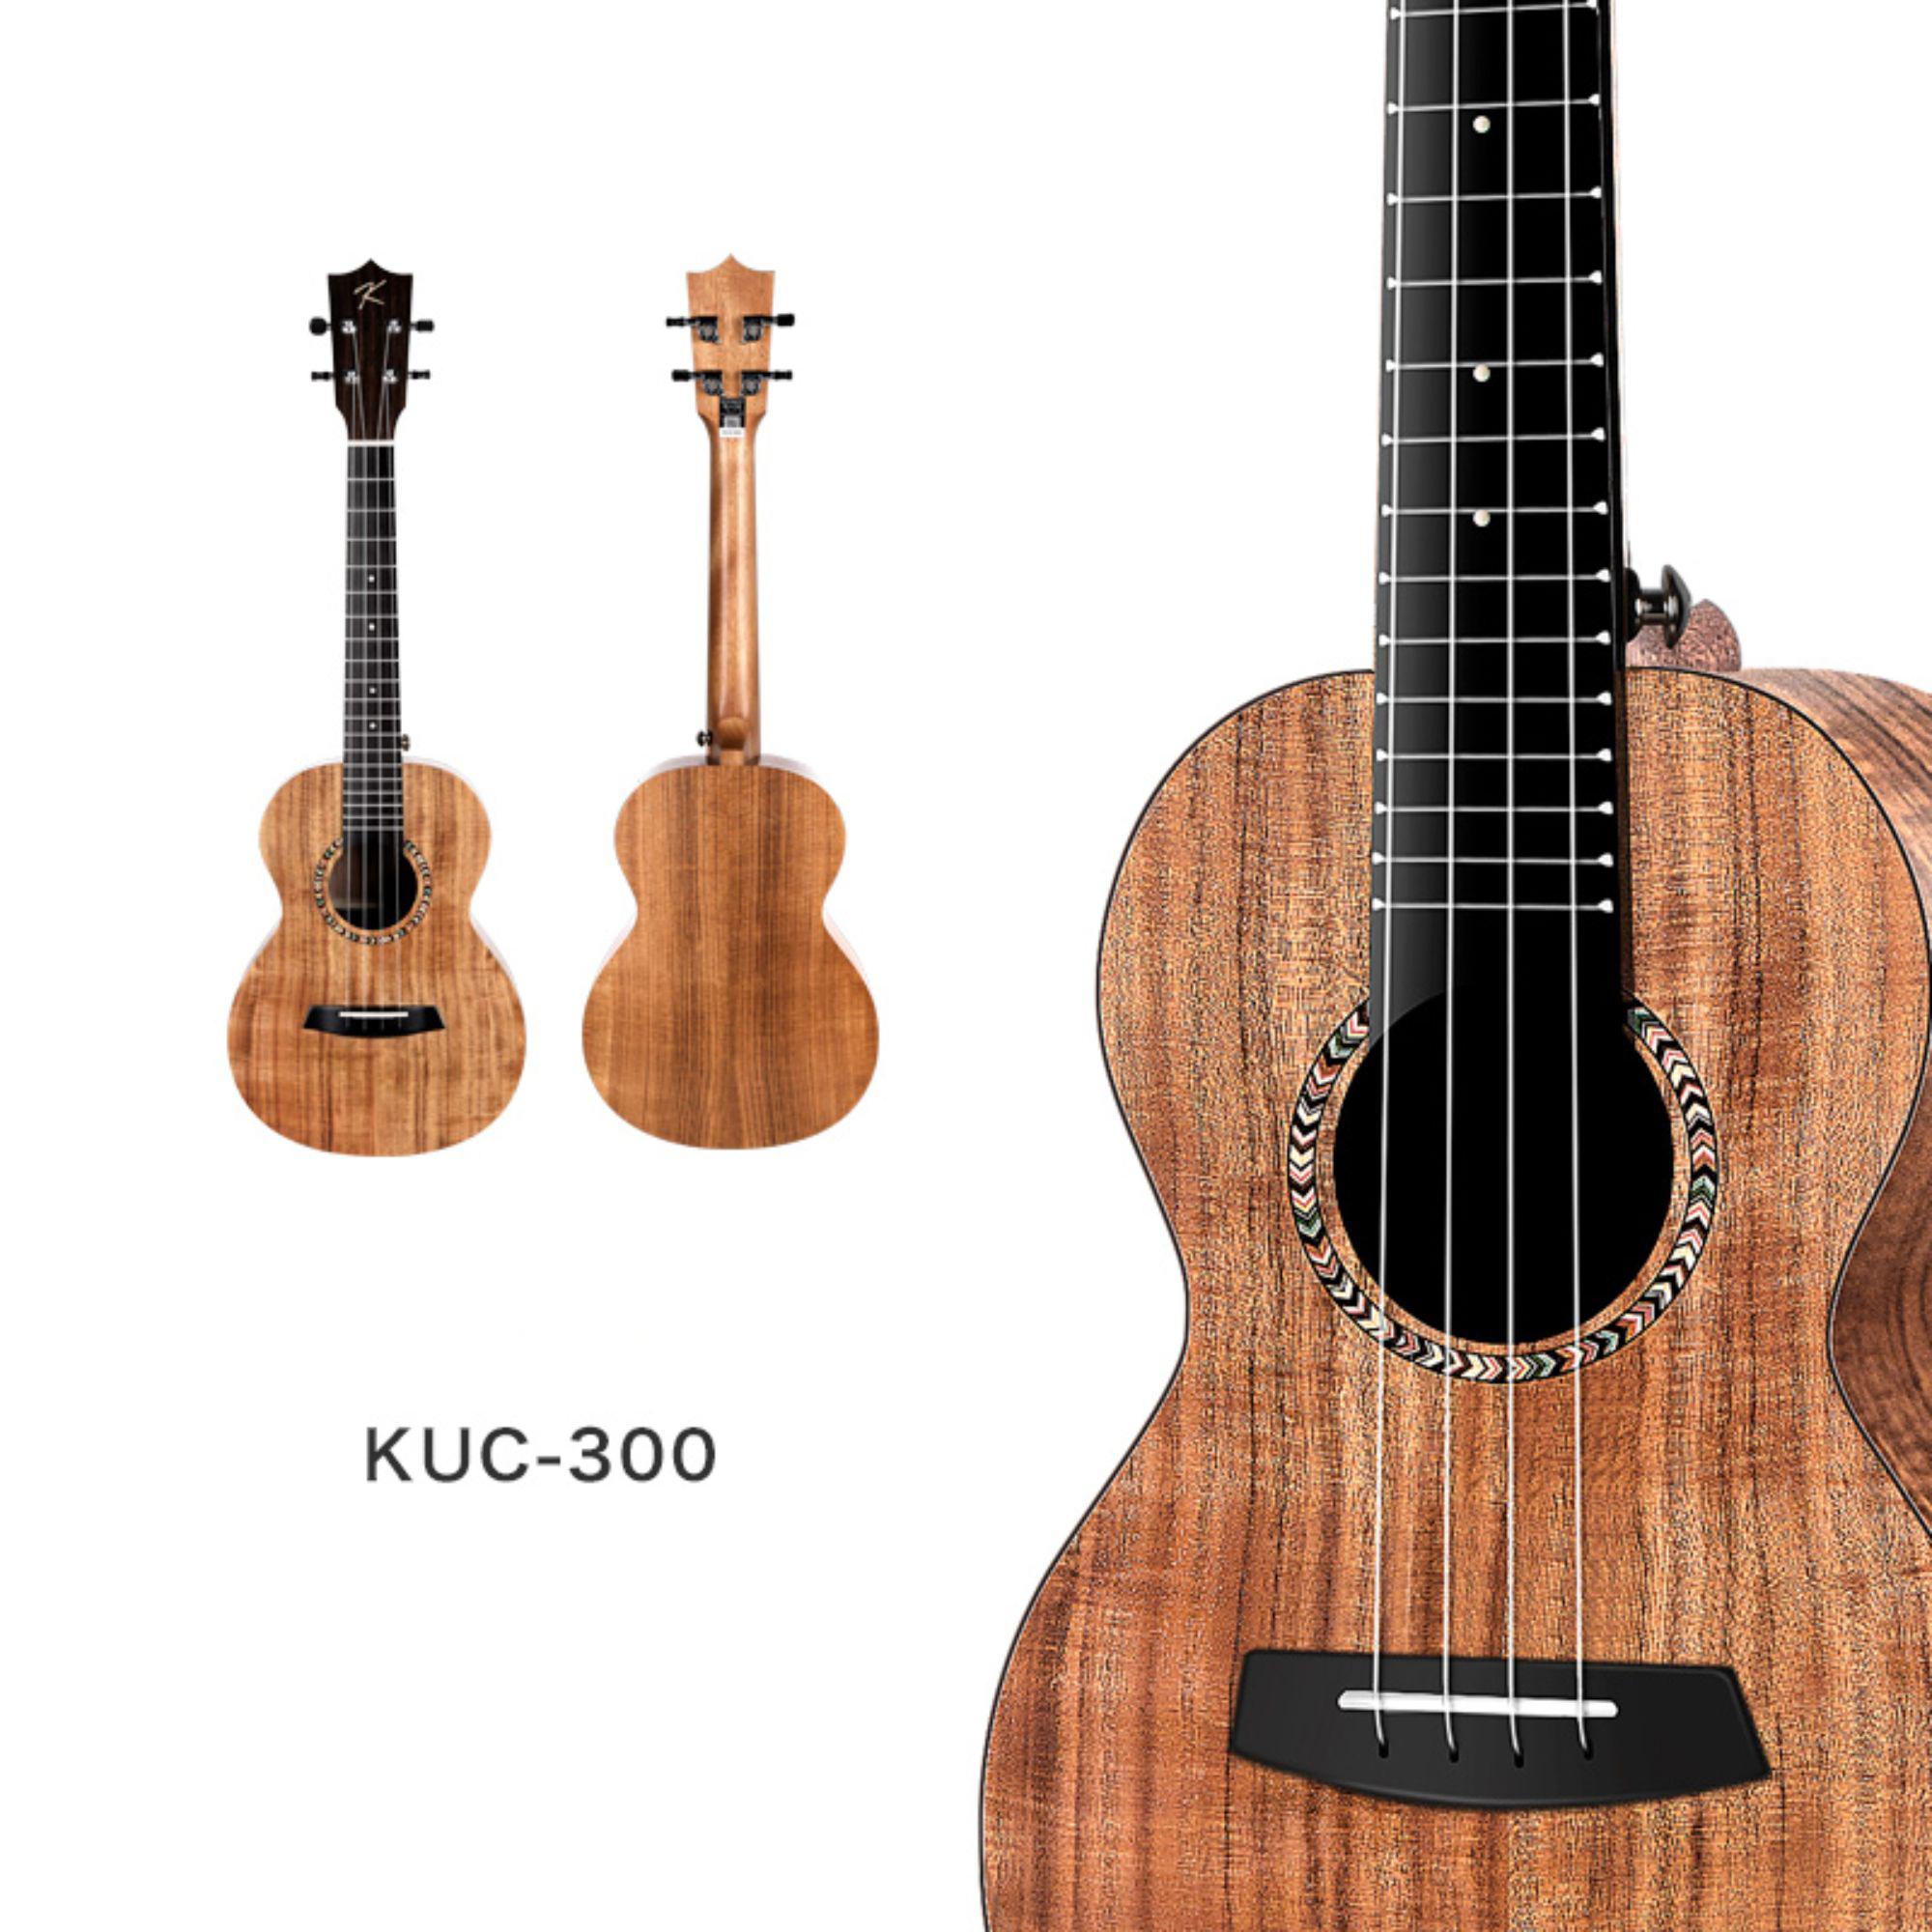 Enya Kaka KUC 300  Concert Ukulele - Koa finish